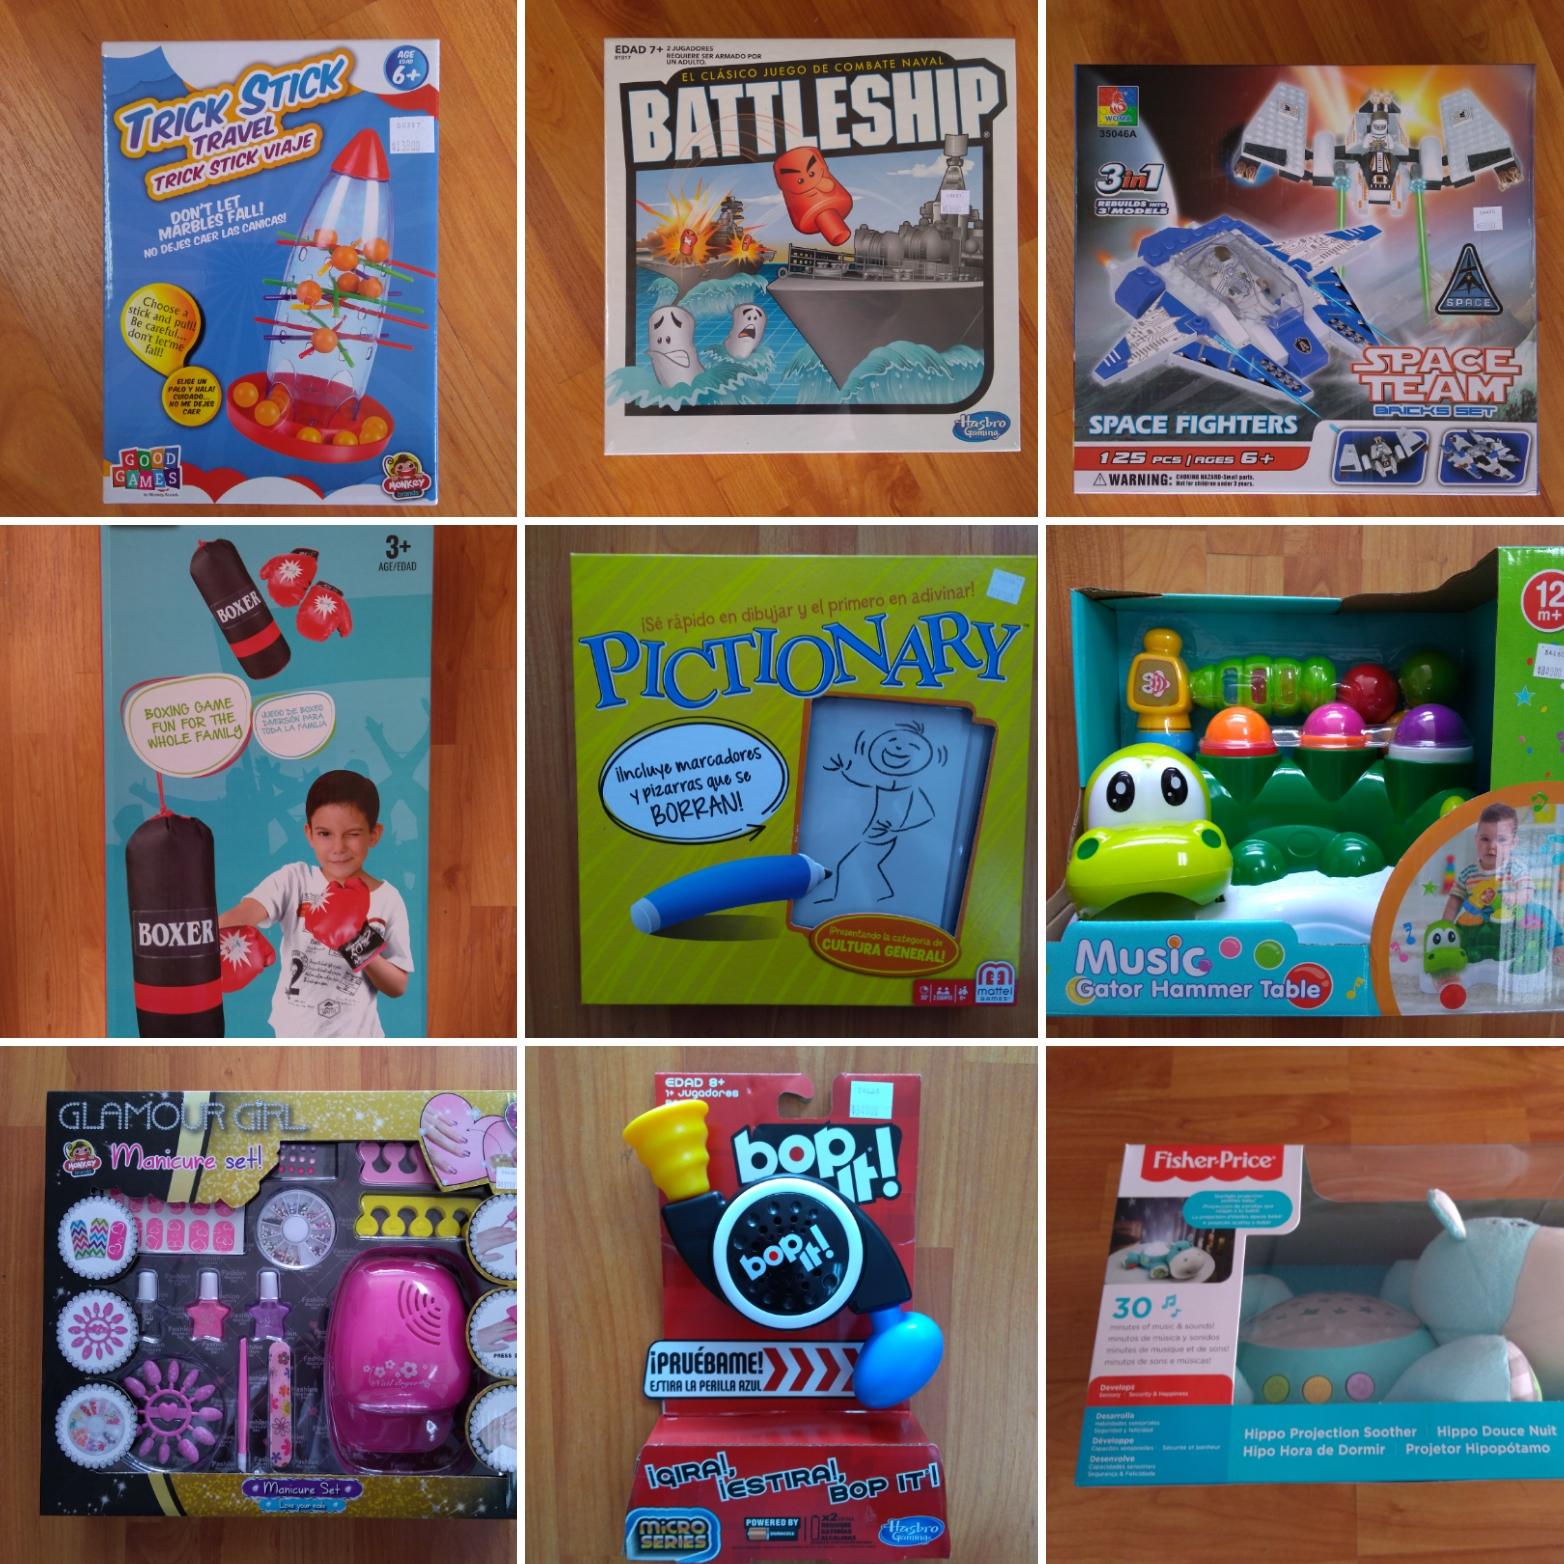 jugueteria-juguetes-milcositas-manizales- (13)